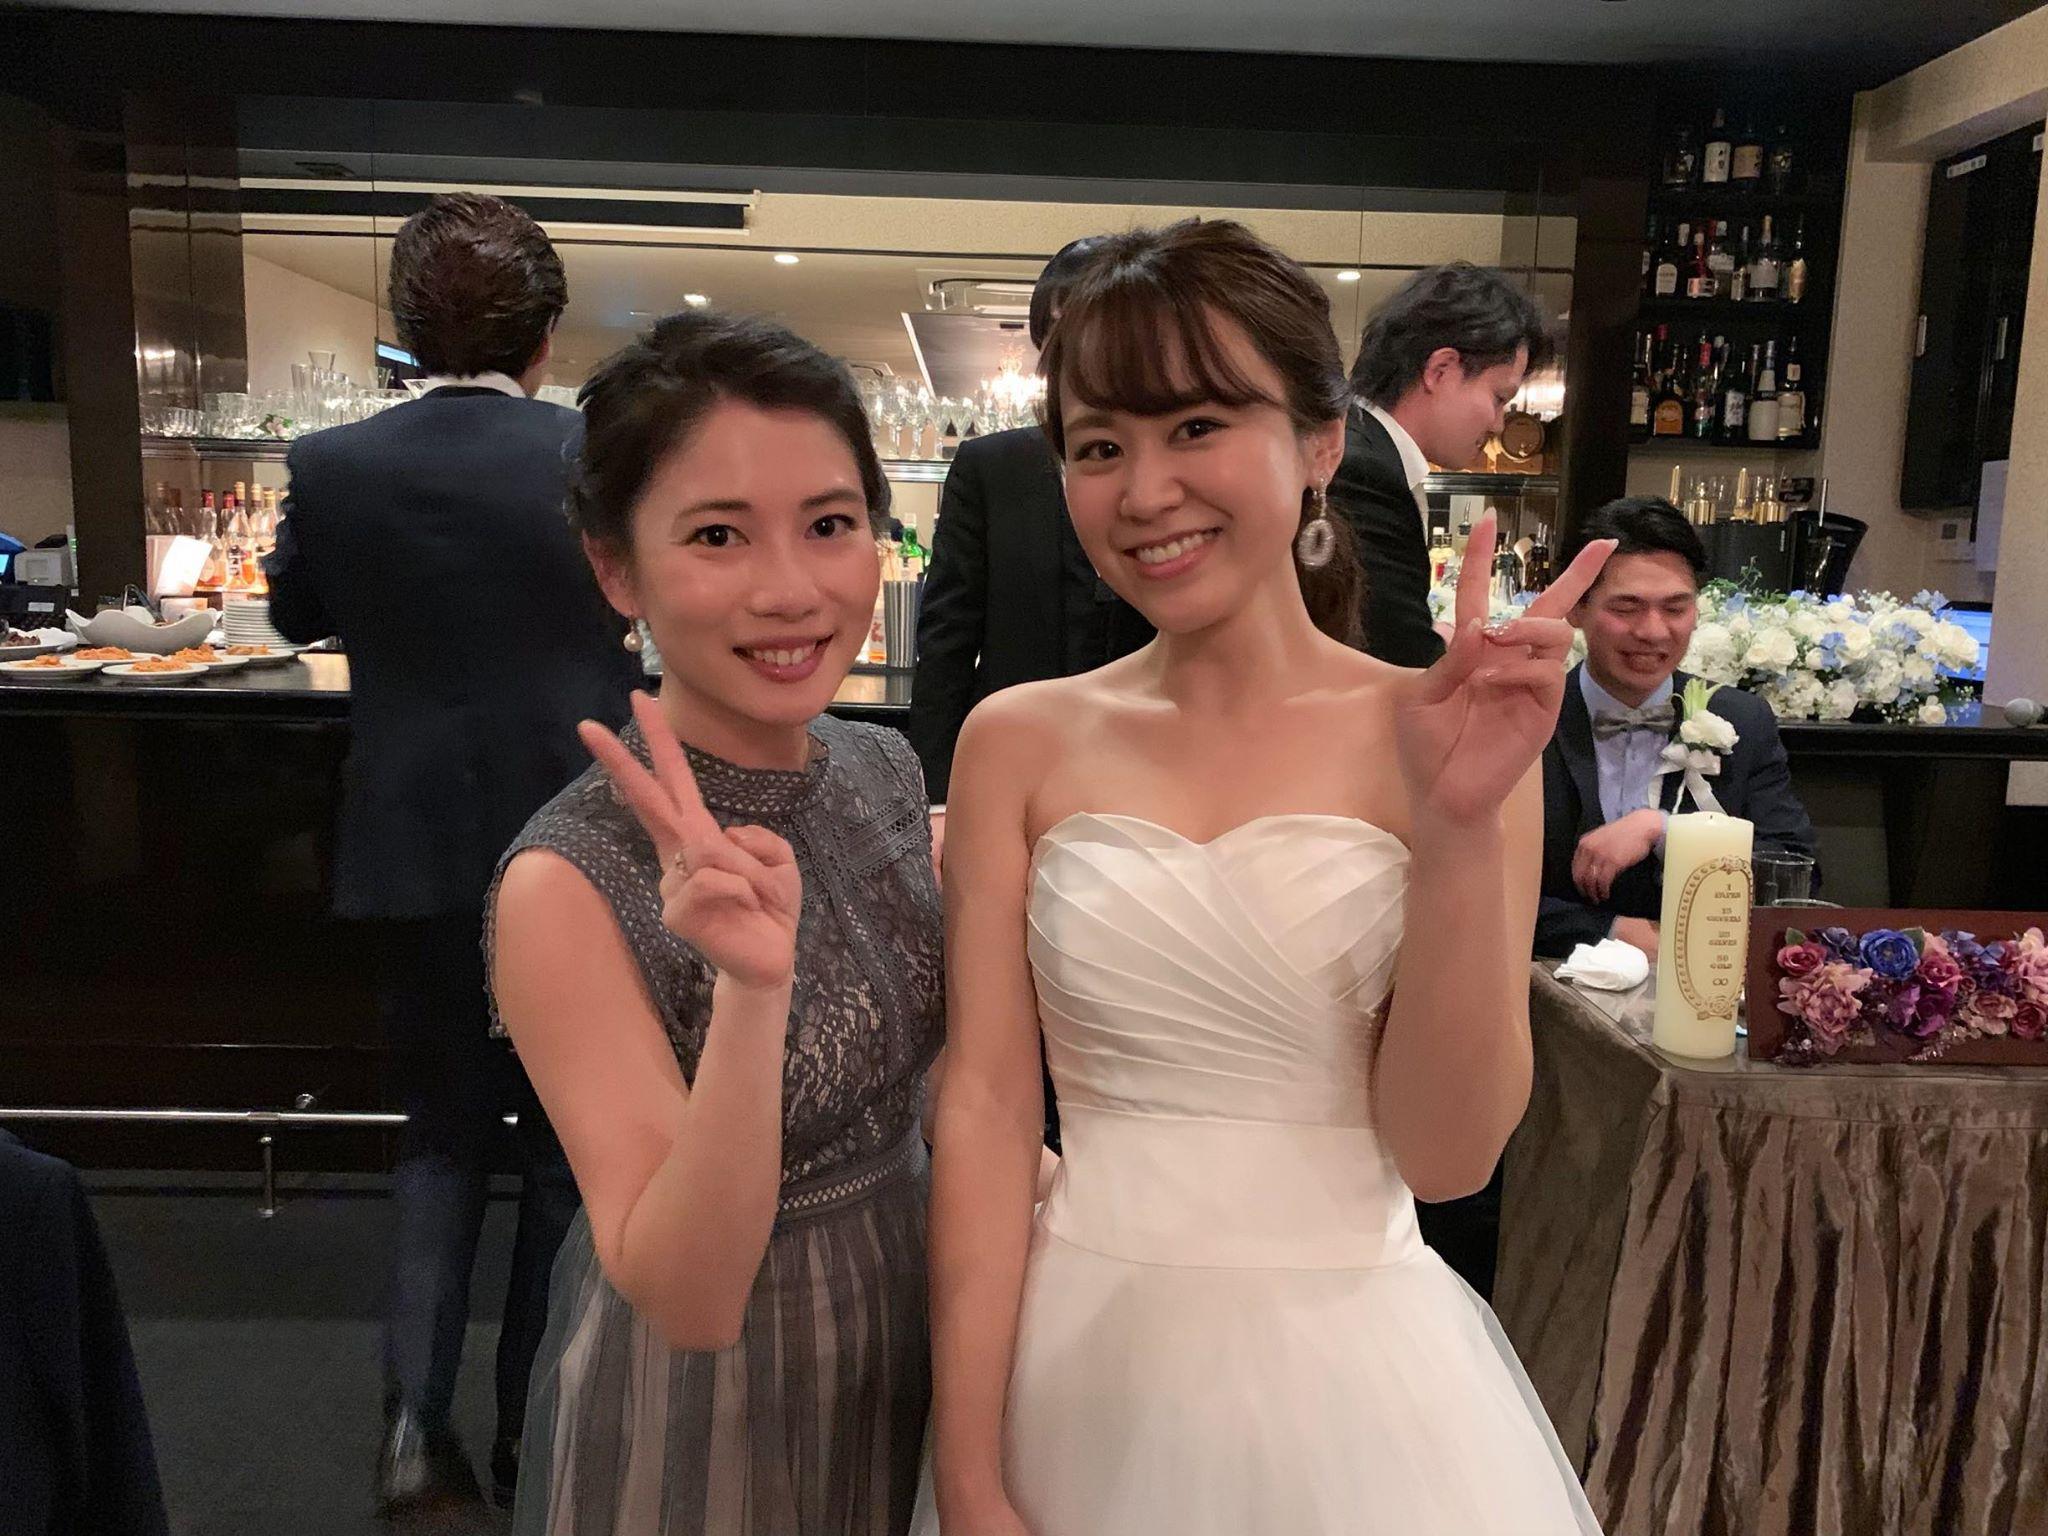 ❀卒花嫁様から頂いたお写真❀ シンプルなドレスのアクセントにきらりと輝くウェディングイヤリング